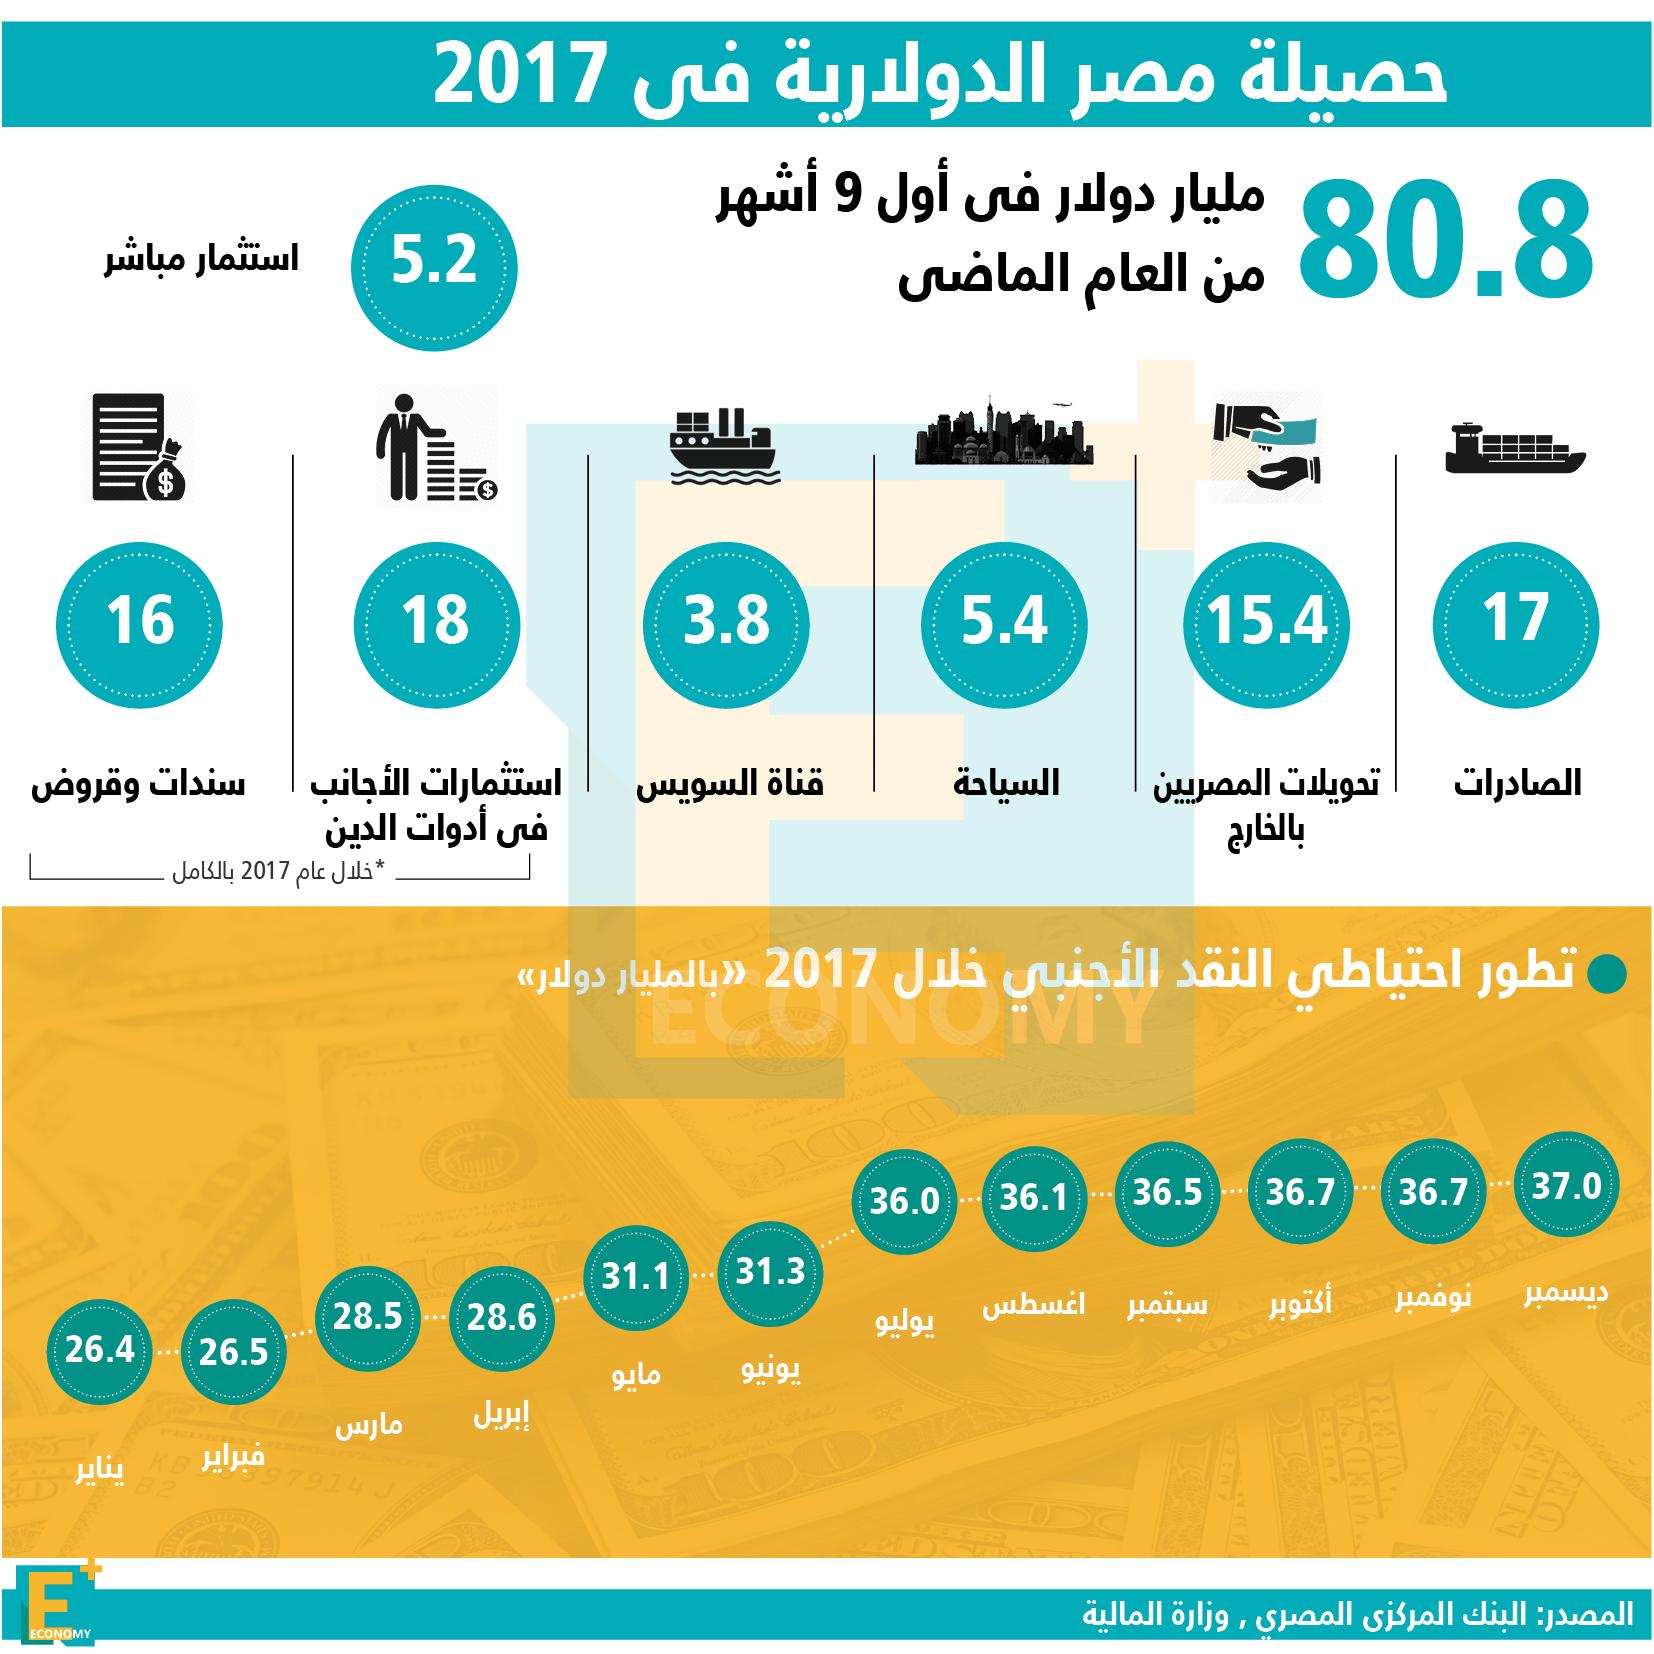 حصيلة مصر الدولارية في 2017